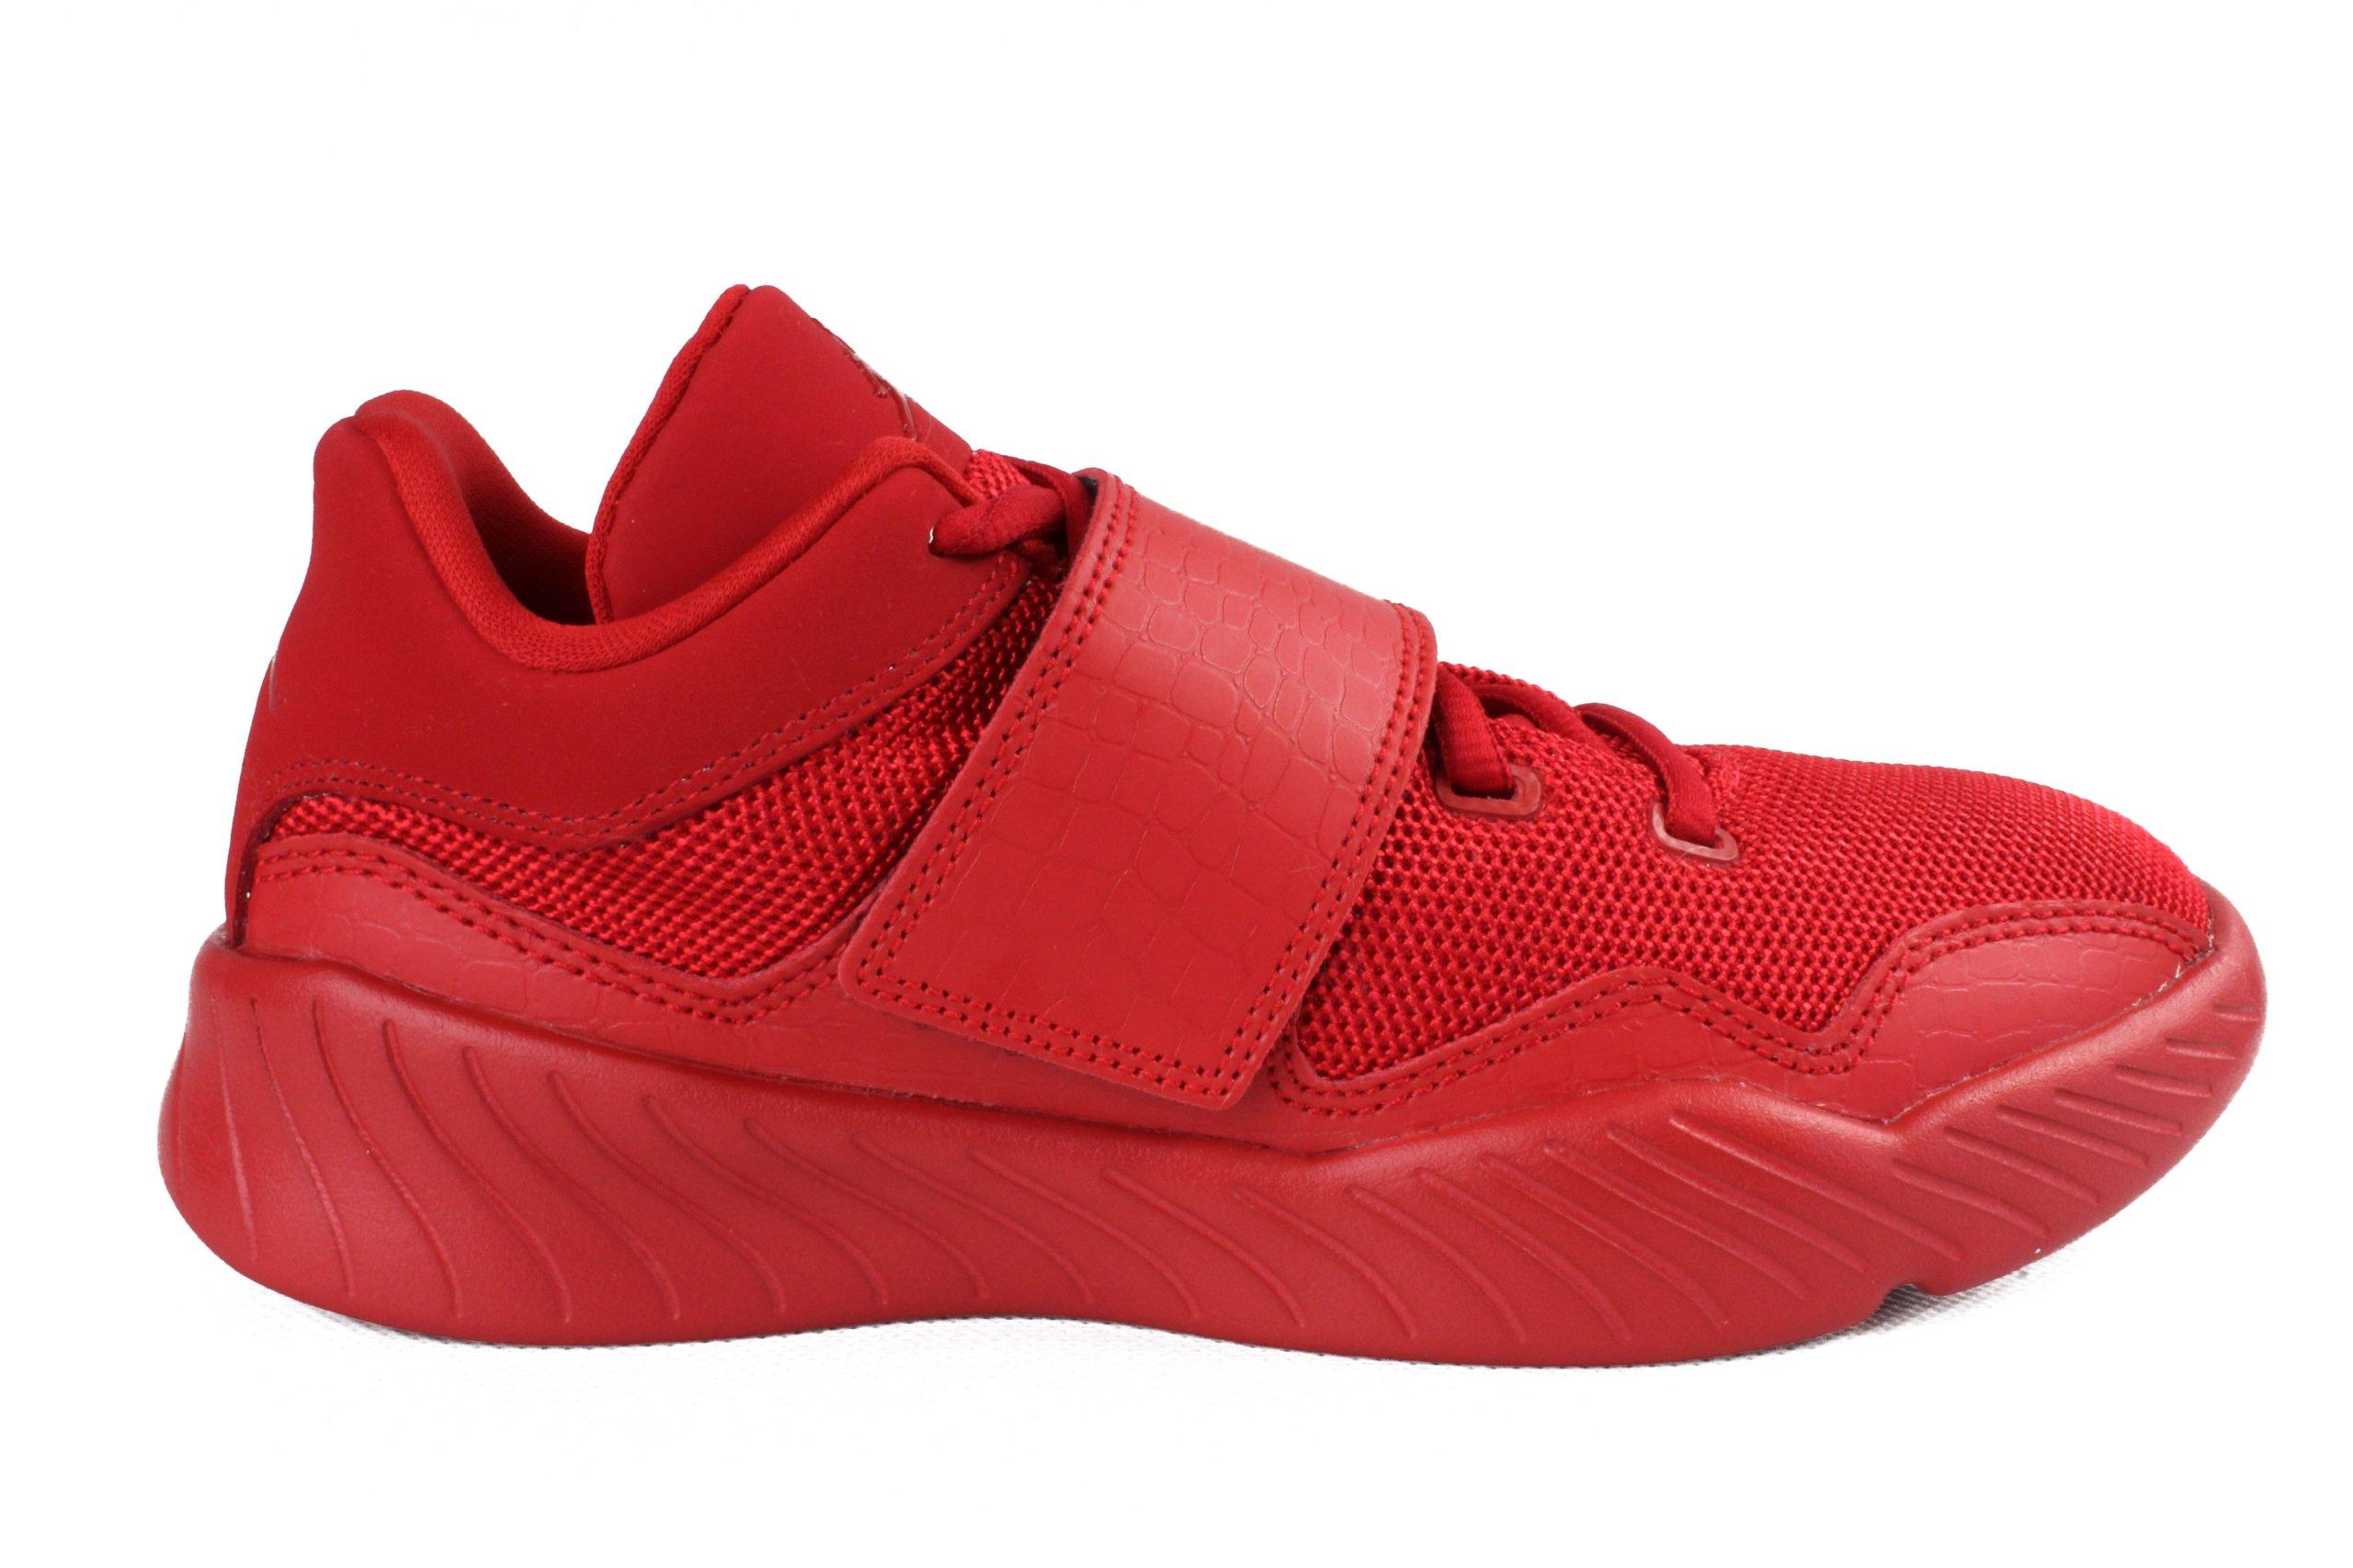 Buty Dziecięce Nike Jordan J23 BP rozm 35 6960468756